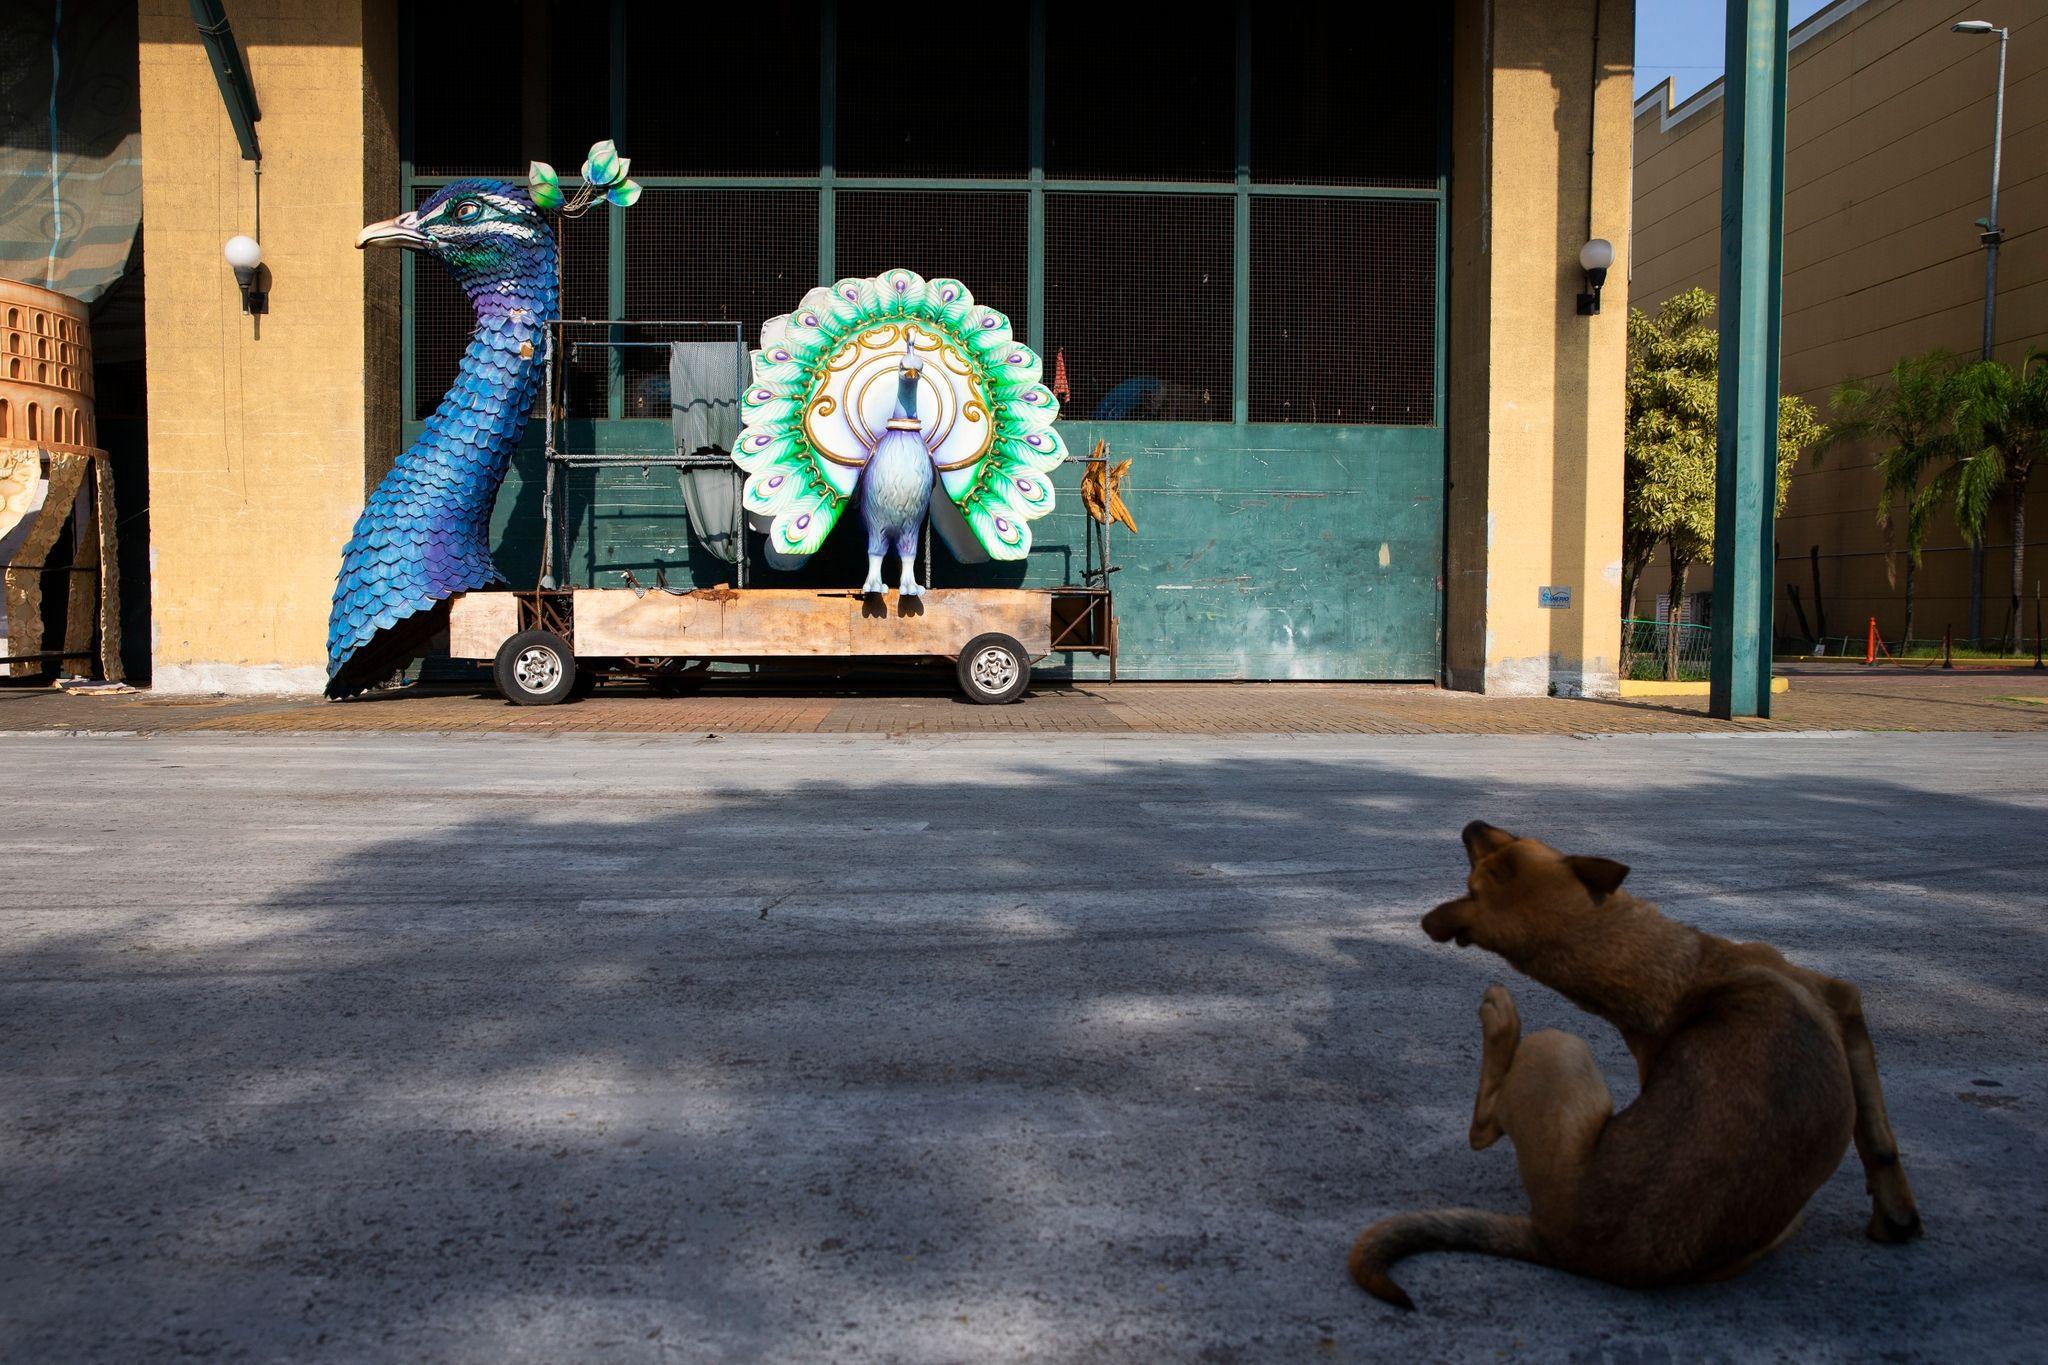 """Un perro frente a un carro preparado por la escola do samba """"Unidos da Tijuca"""" para el desfile de carnaval 2020 de Río de Janeiro. Debido a la pandemia, Río de Janeiro postergó el carnaval del sambódromo, que iba a tener lugar en febrero, y canceló el carnaval en las calles. La nueva fecha depende de cuándo se lleve a cabo una campaña de vacunación. La asociación que agrupa a las escolas do samba LIESA espera que pueda ser en julio. Foto: Fernando Souza/dpa"""